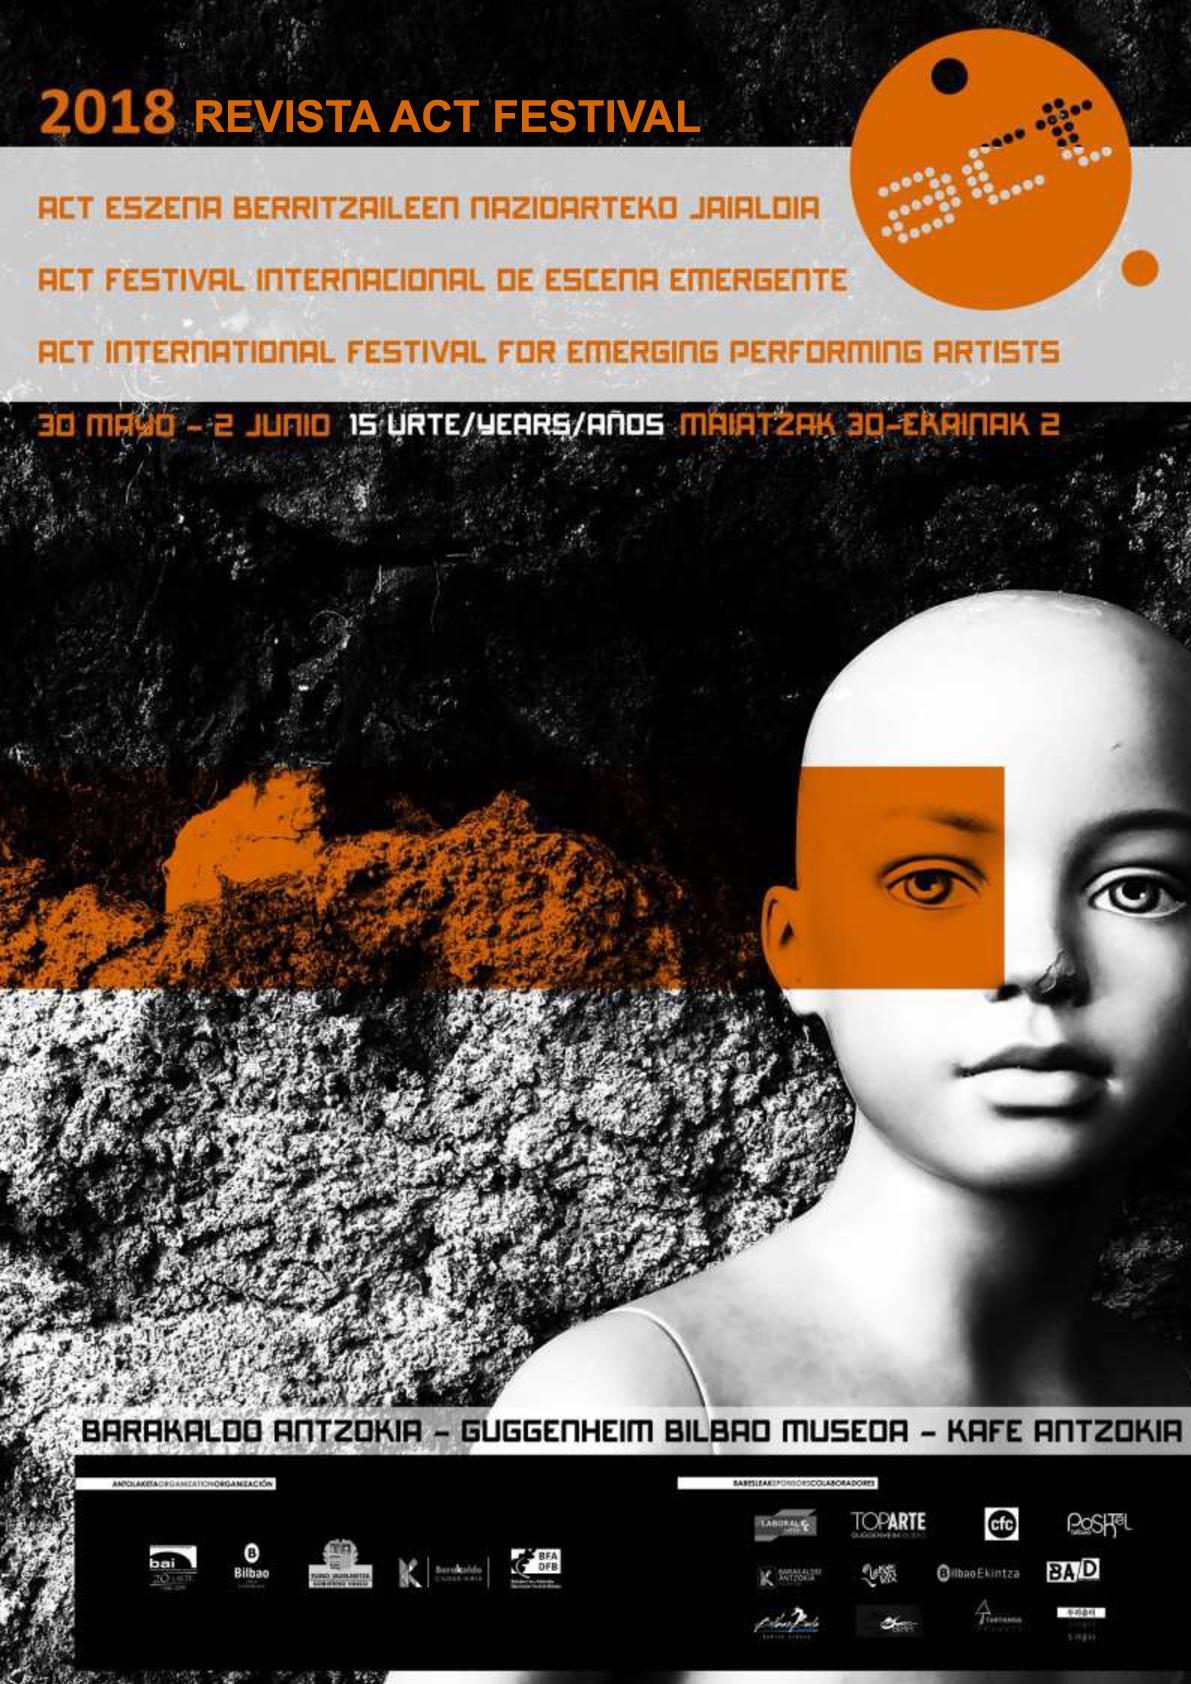 PORTADA- REVISTA ACT 2018